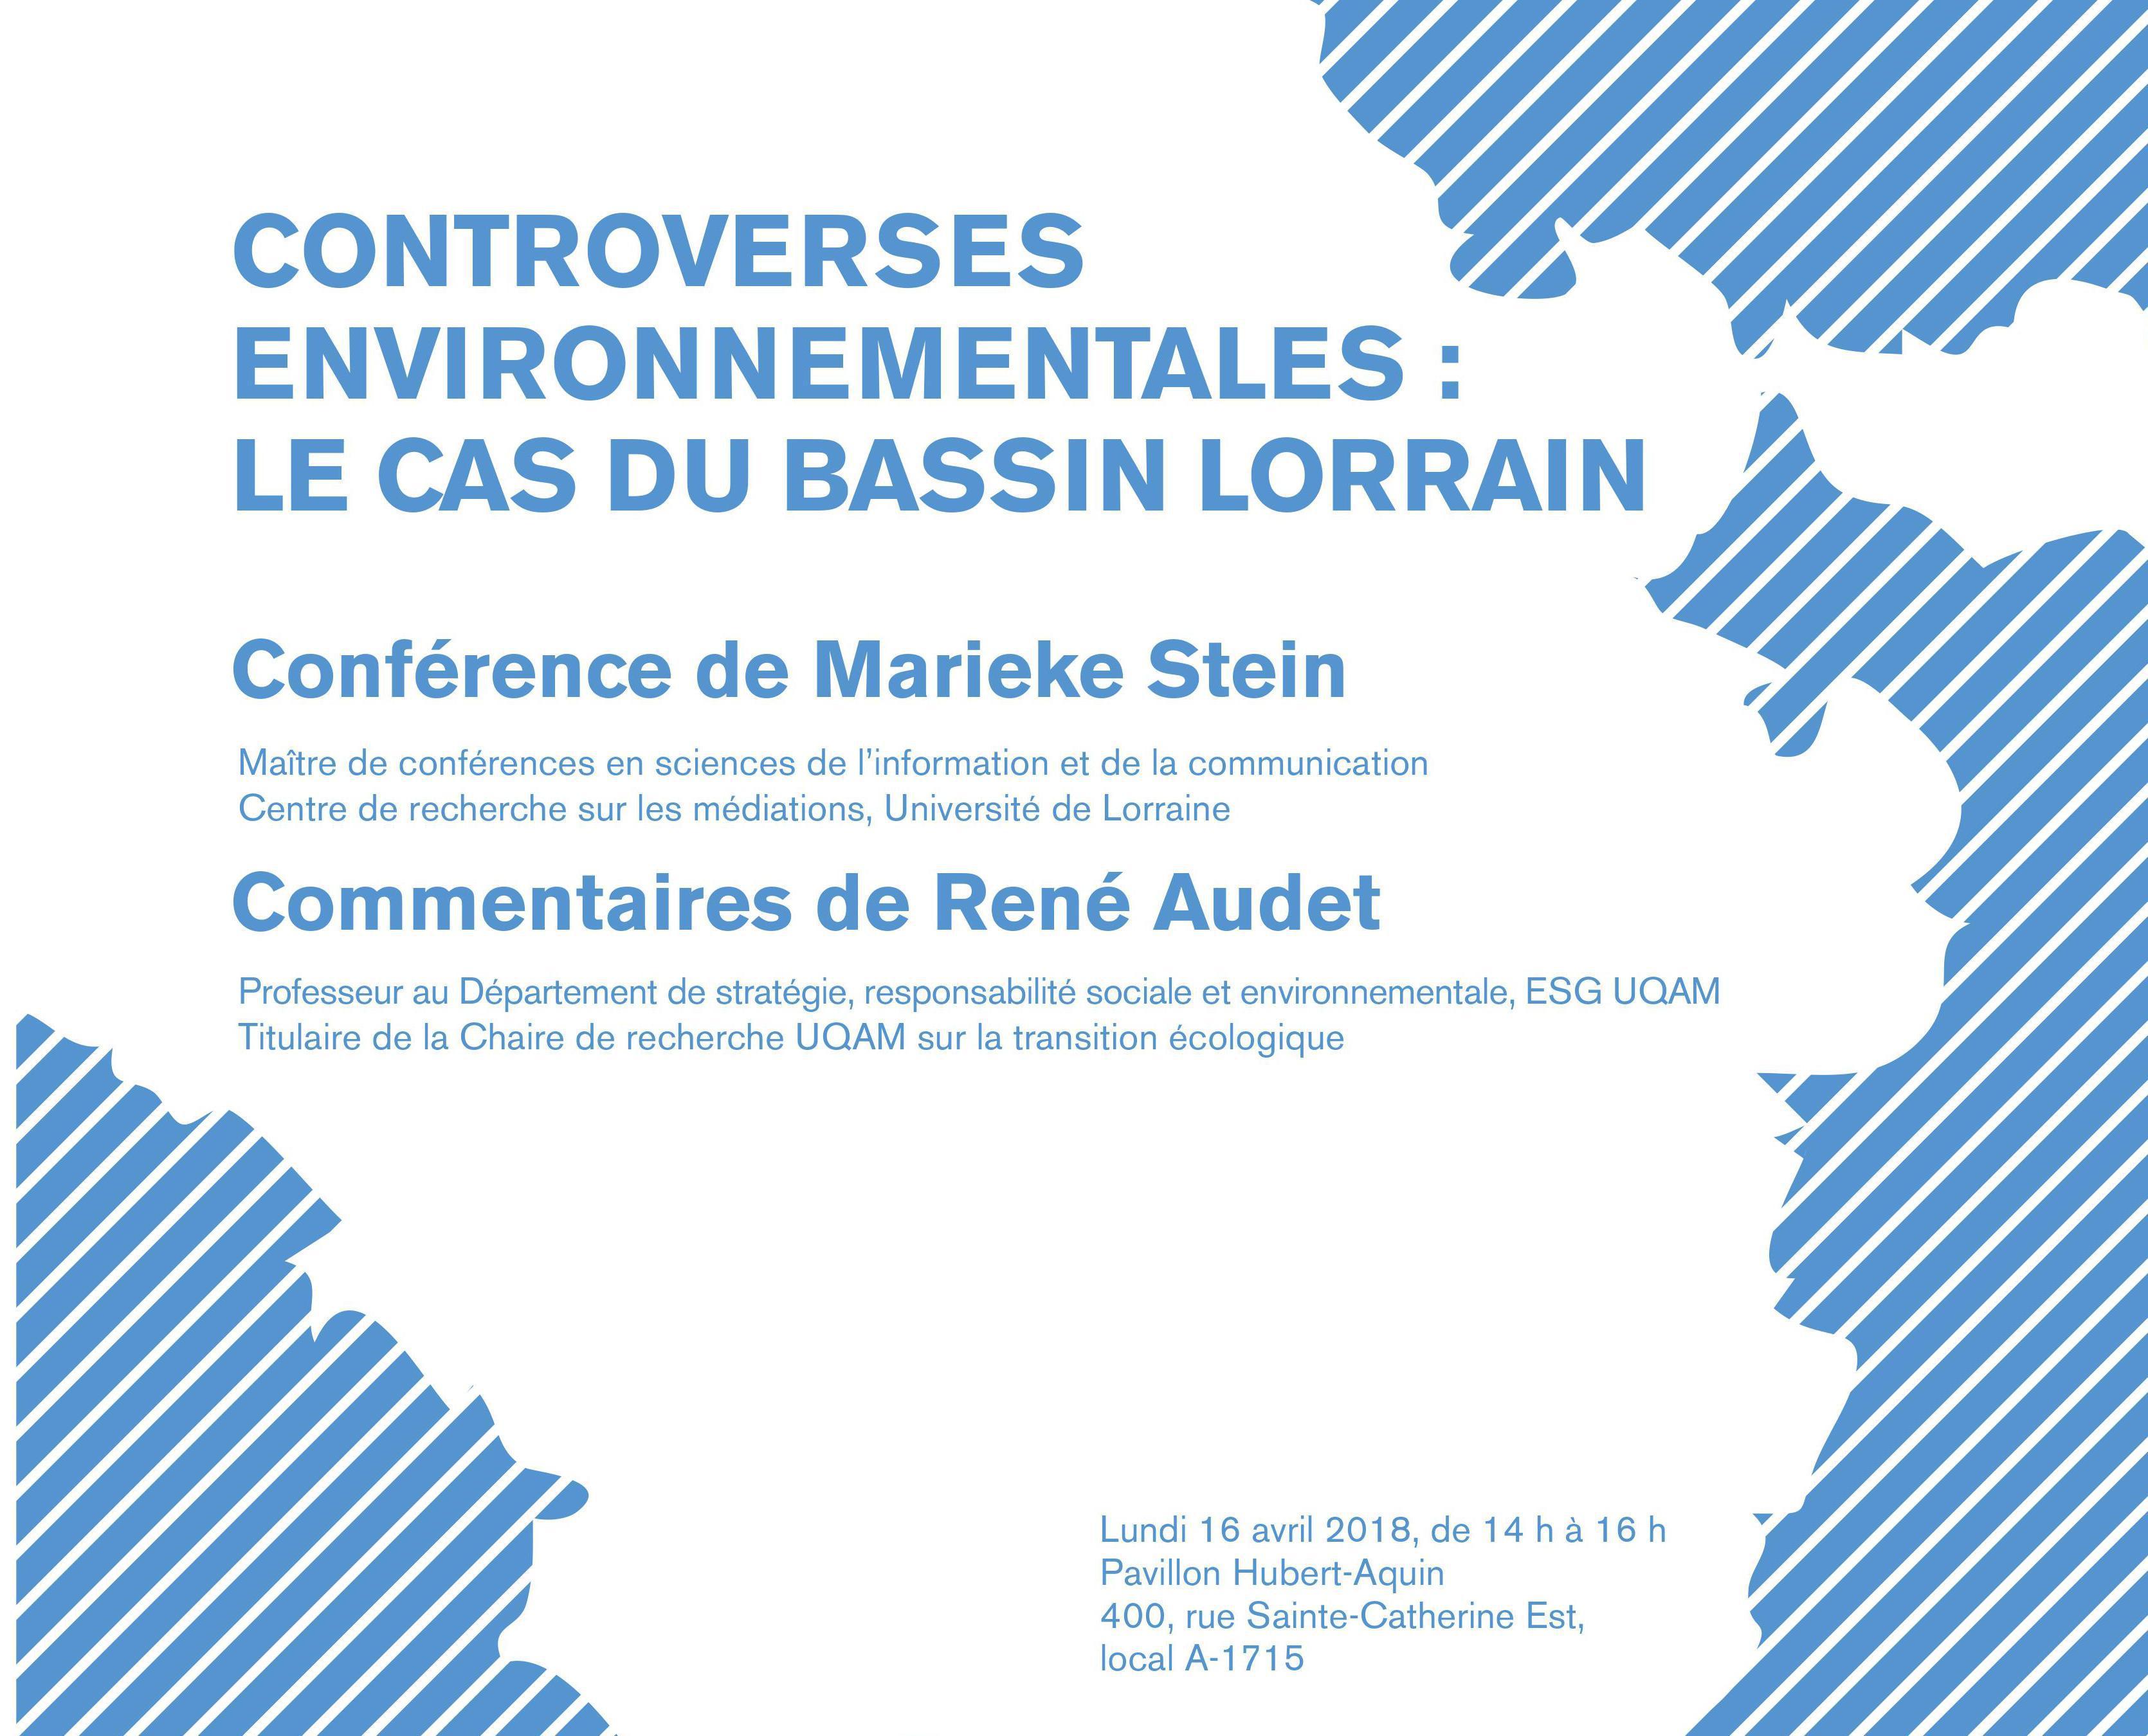 CONTROVERSES ENVIRONNEMENTALES: LE CAS DU BASSIN LORRAIN